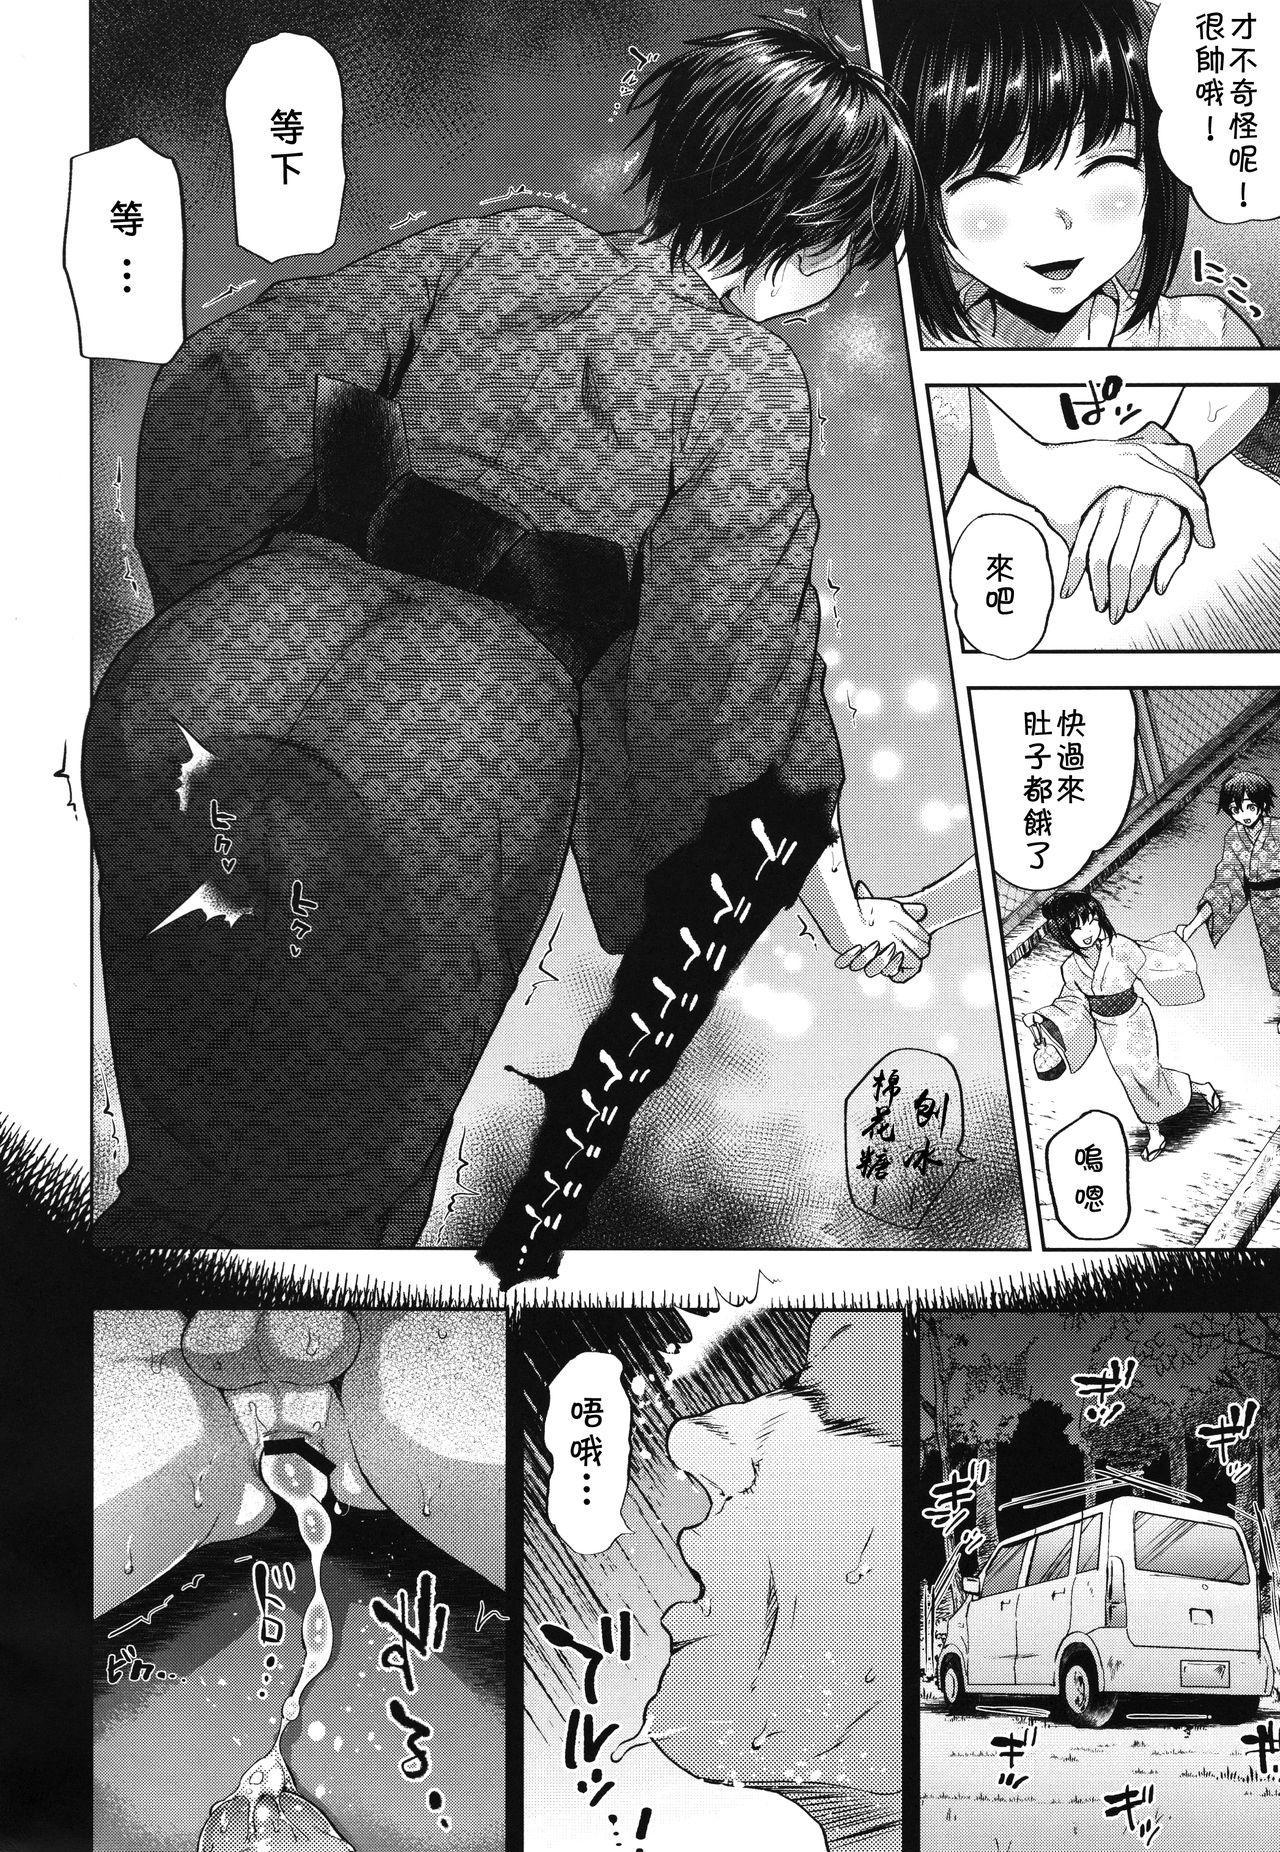 Hanabi no Yoru no Himitsu 4